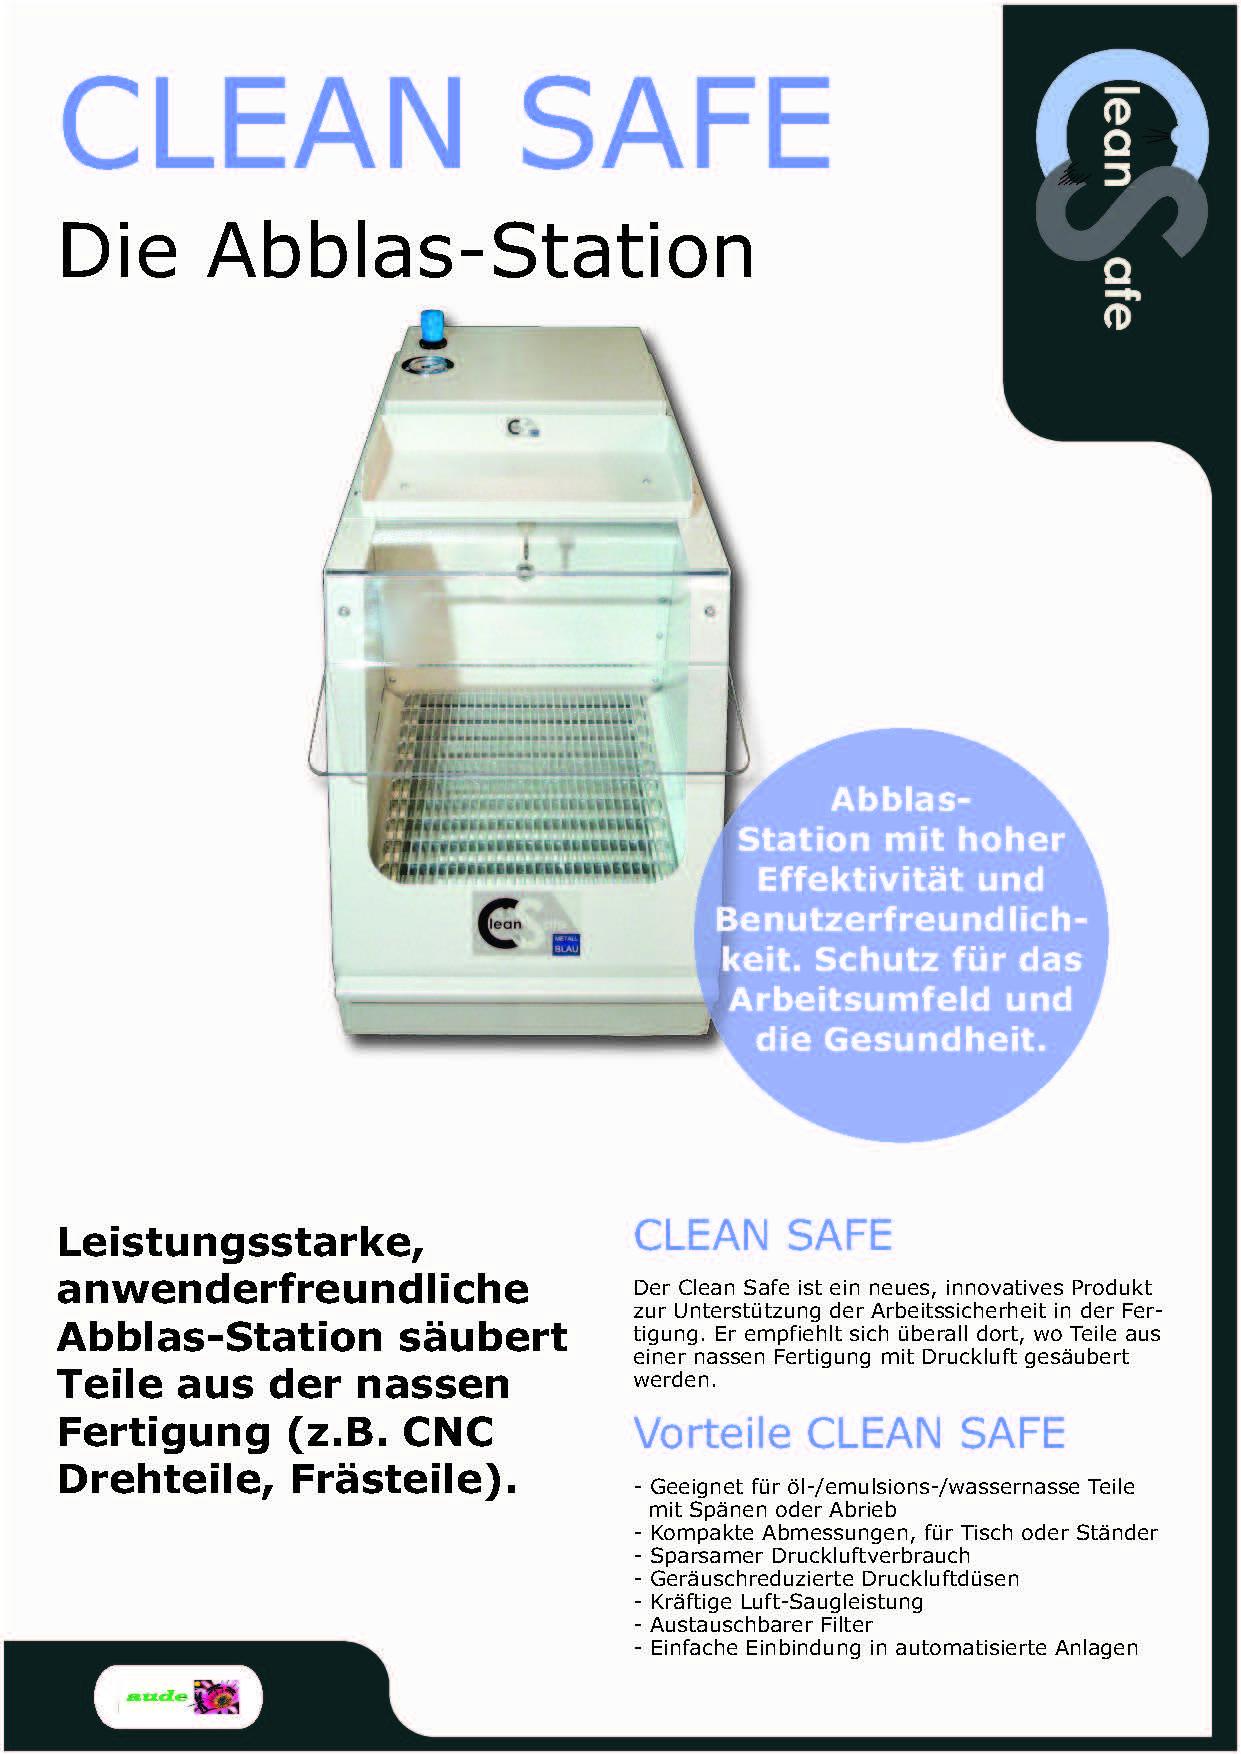 CS-aude-A4-Ger-01-20_Seite_1